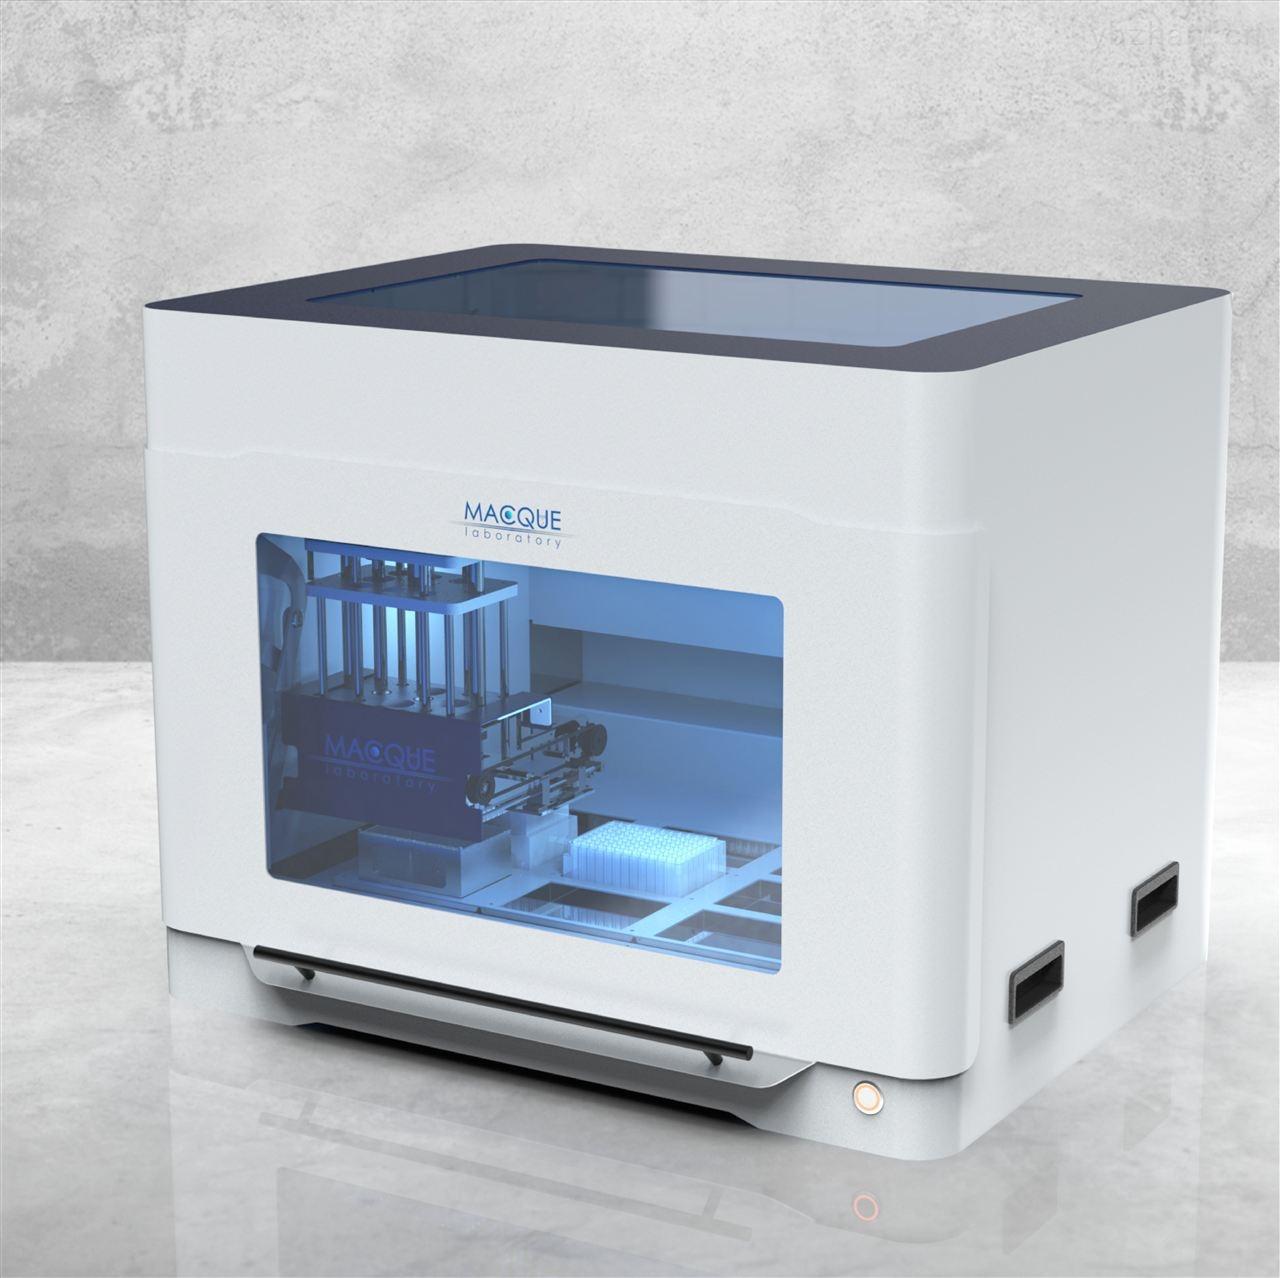 MACQUE 全自动核酸提取仪 MQ-Gene1000